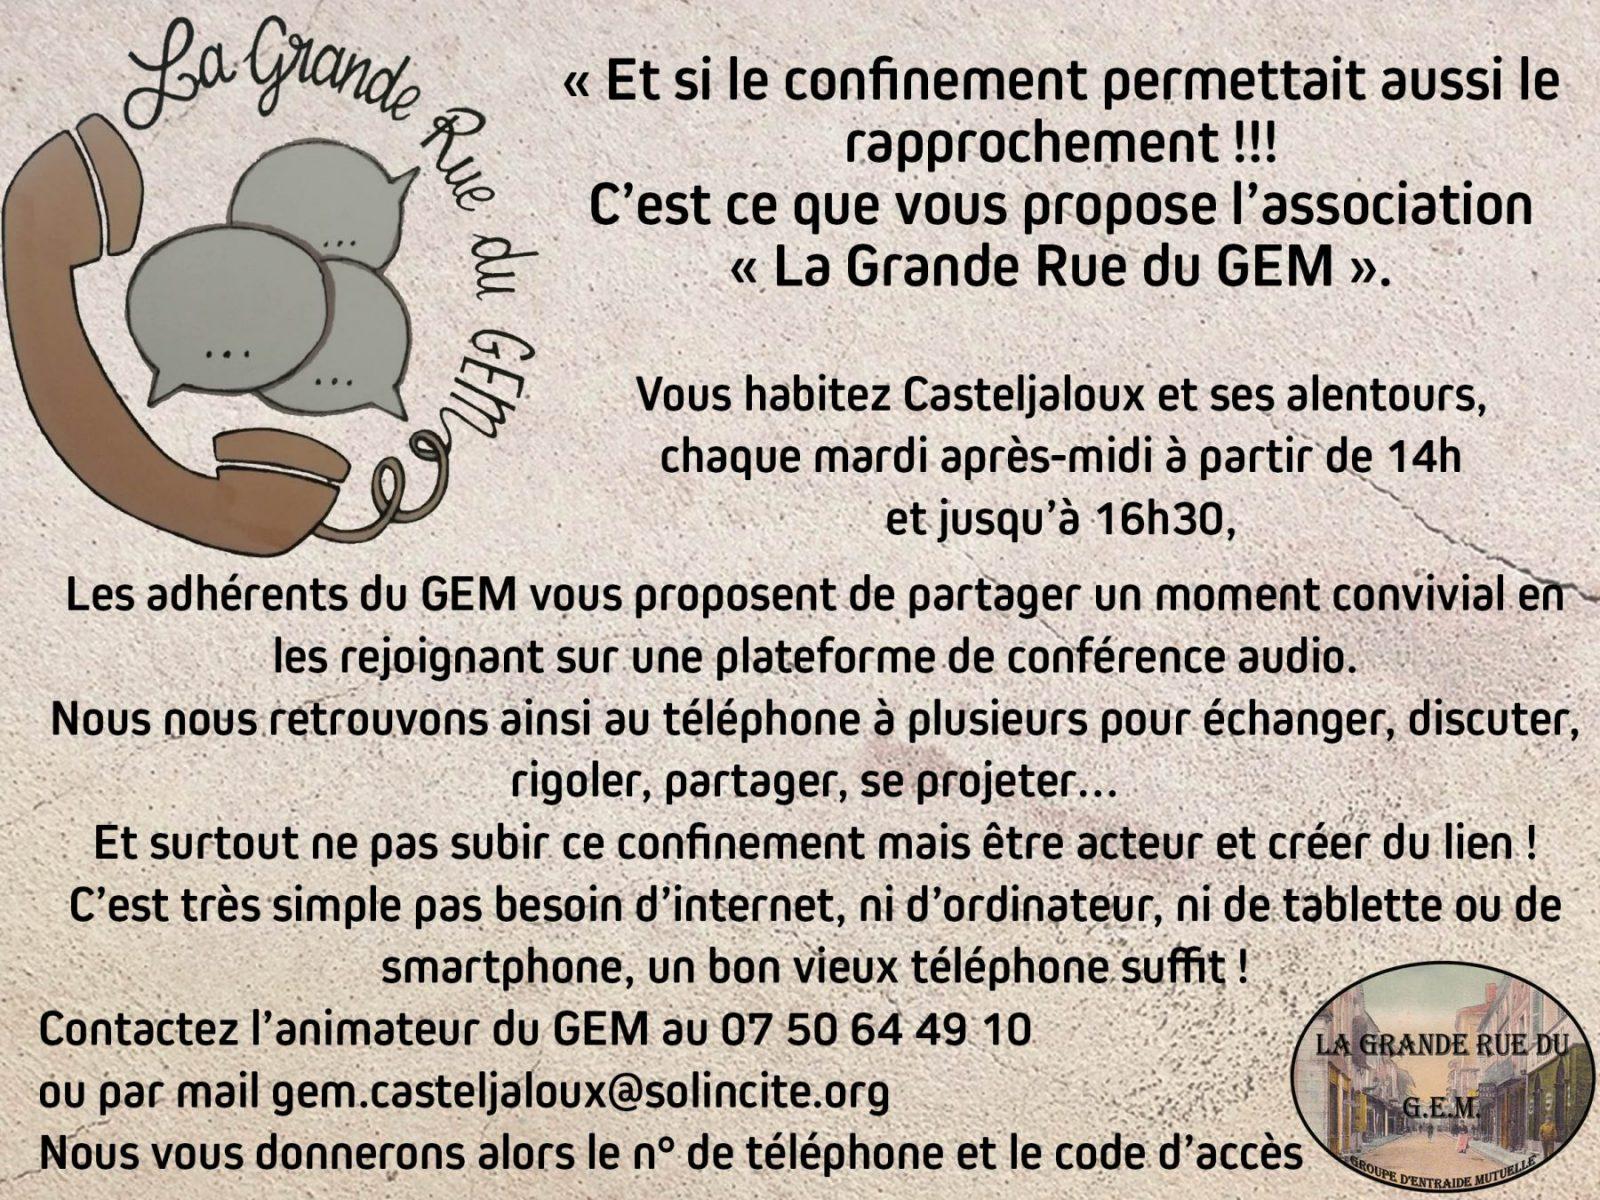 Conférences Audios à la Grande Rue du Gem à Casteljaloux